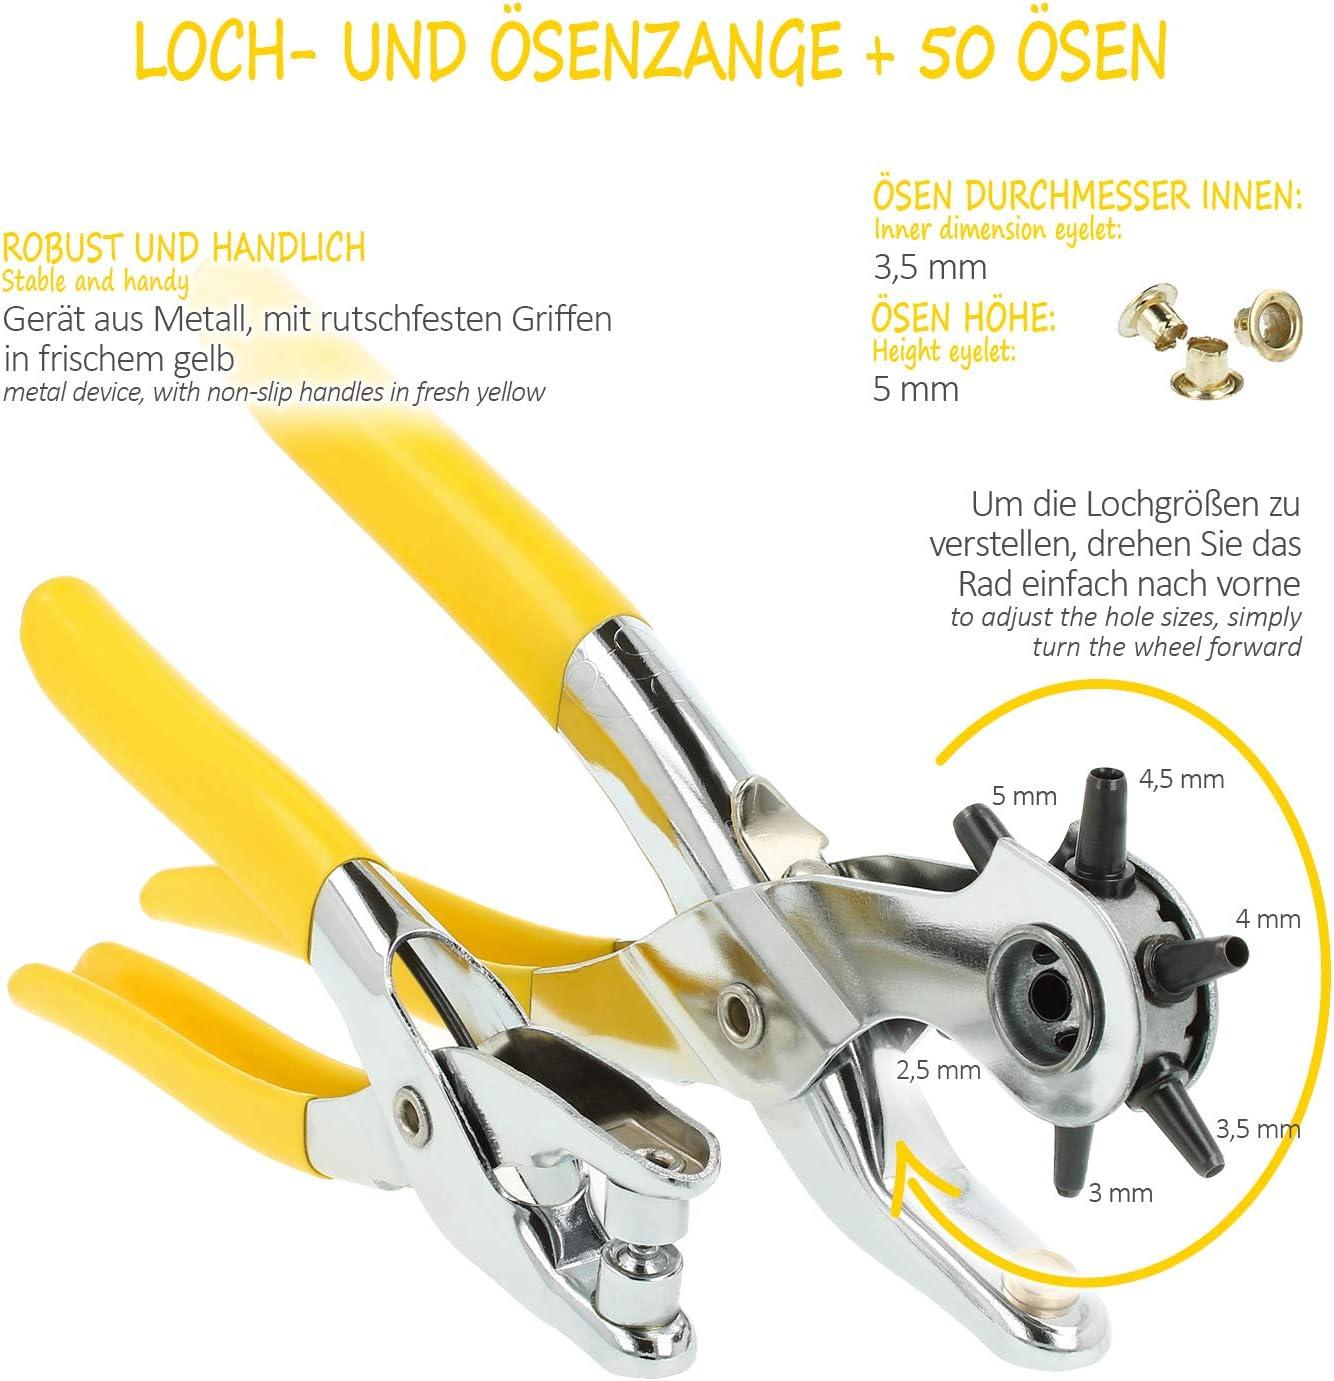 250 /Ösen-Set mit /Ösen 200 Sets 6 mm /Ösen 50 Sets 8 mm /Ösen Gun Metal 4 Farben mit 3 St/ück Montage-Werkzeug-Set f/ür Schuh- und Lederhandwerk